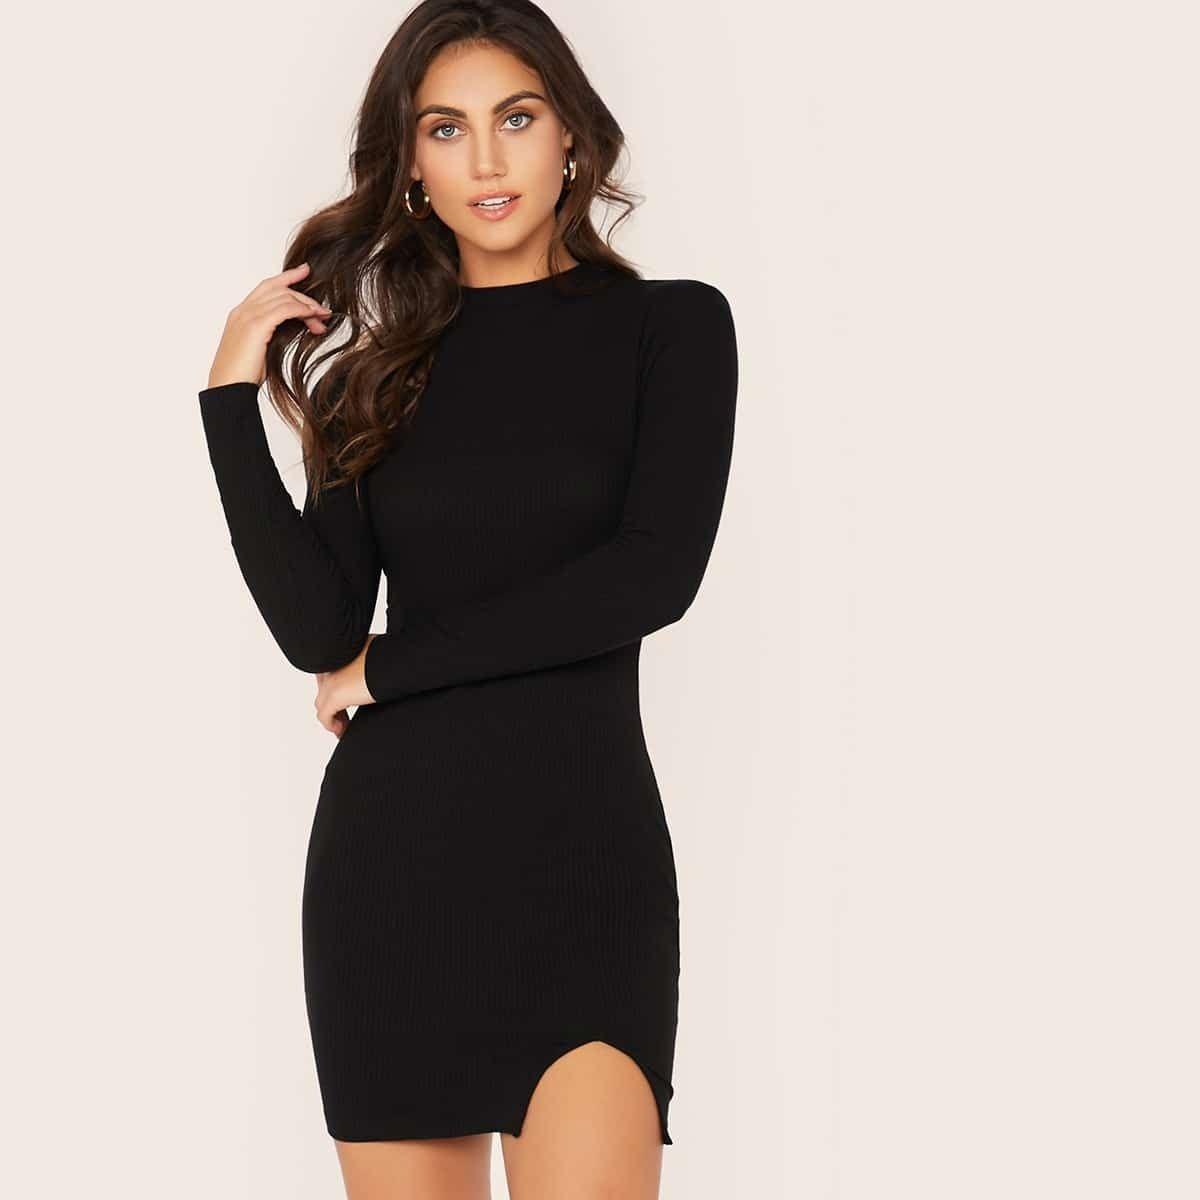 strick samt kleid, stehkragen, schlitz schwarz     kleider